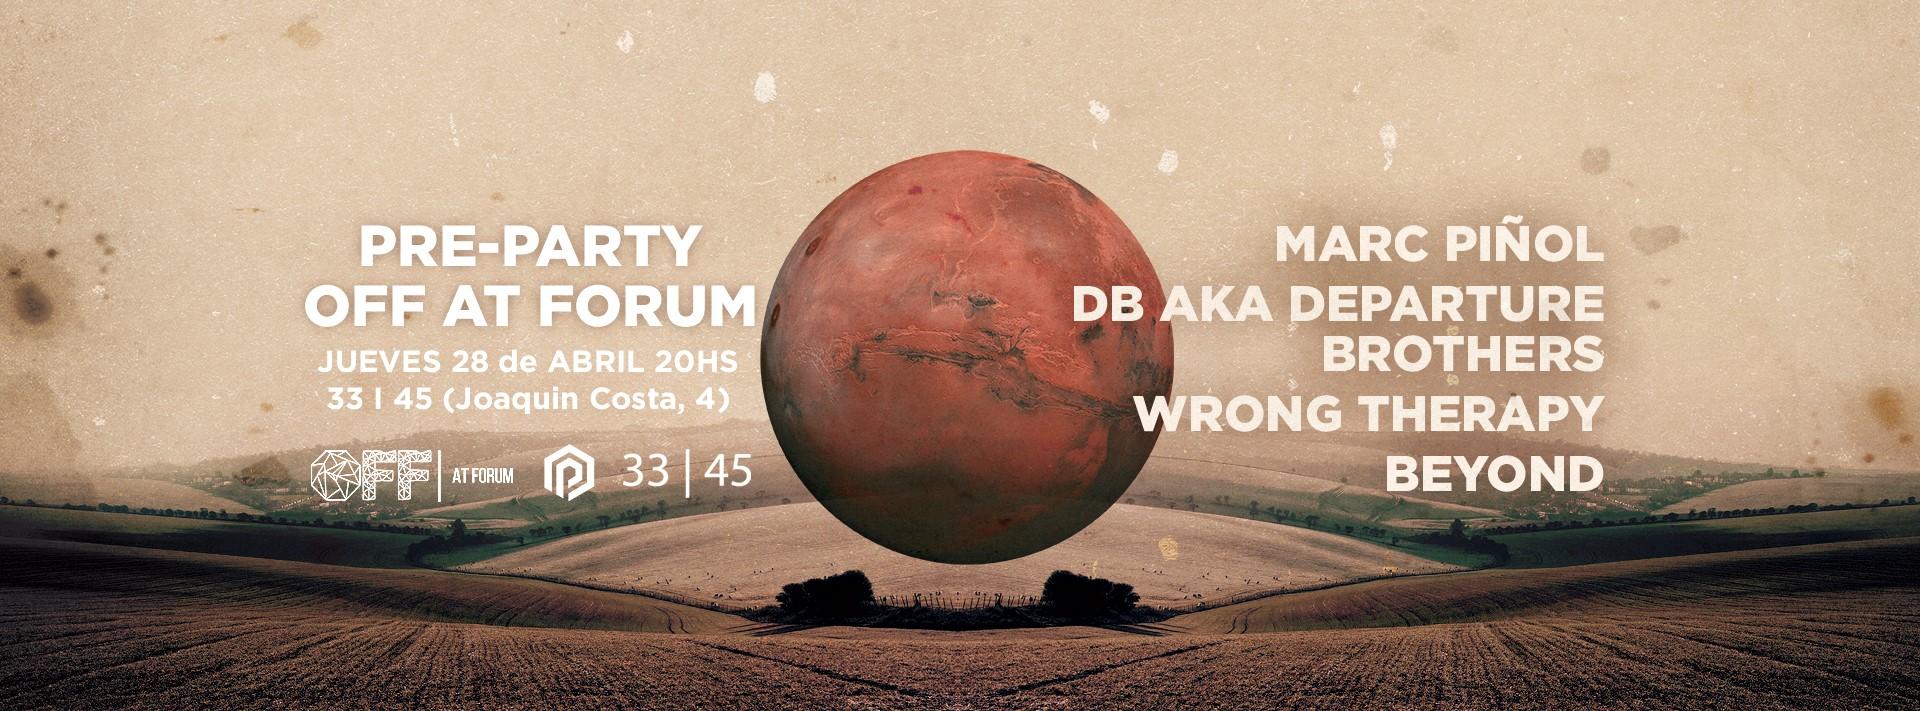 pre-party off forum